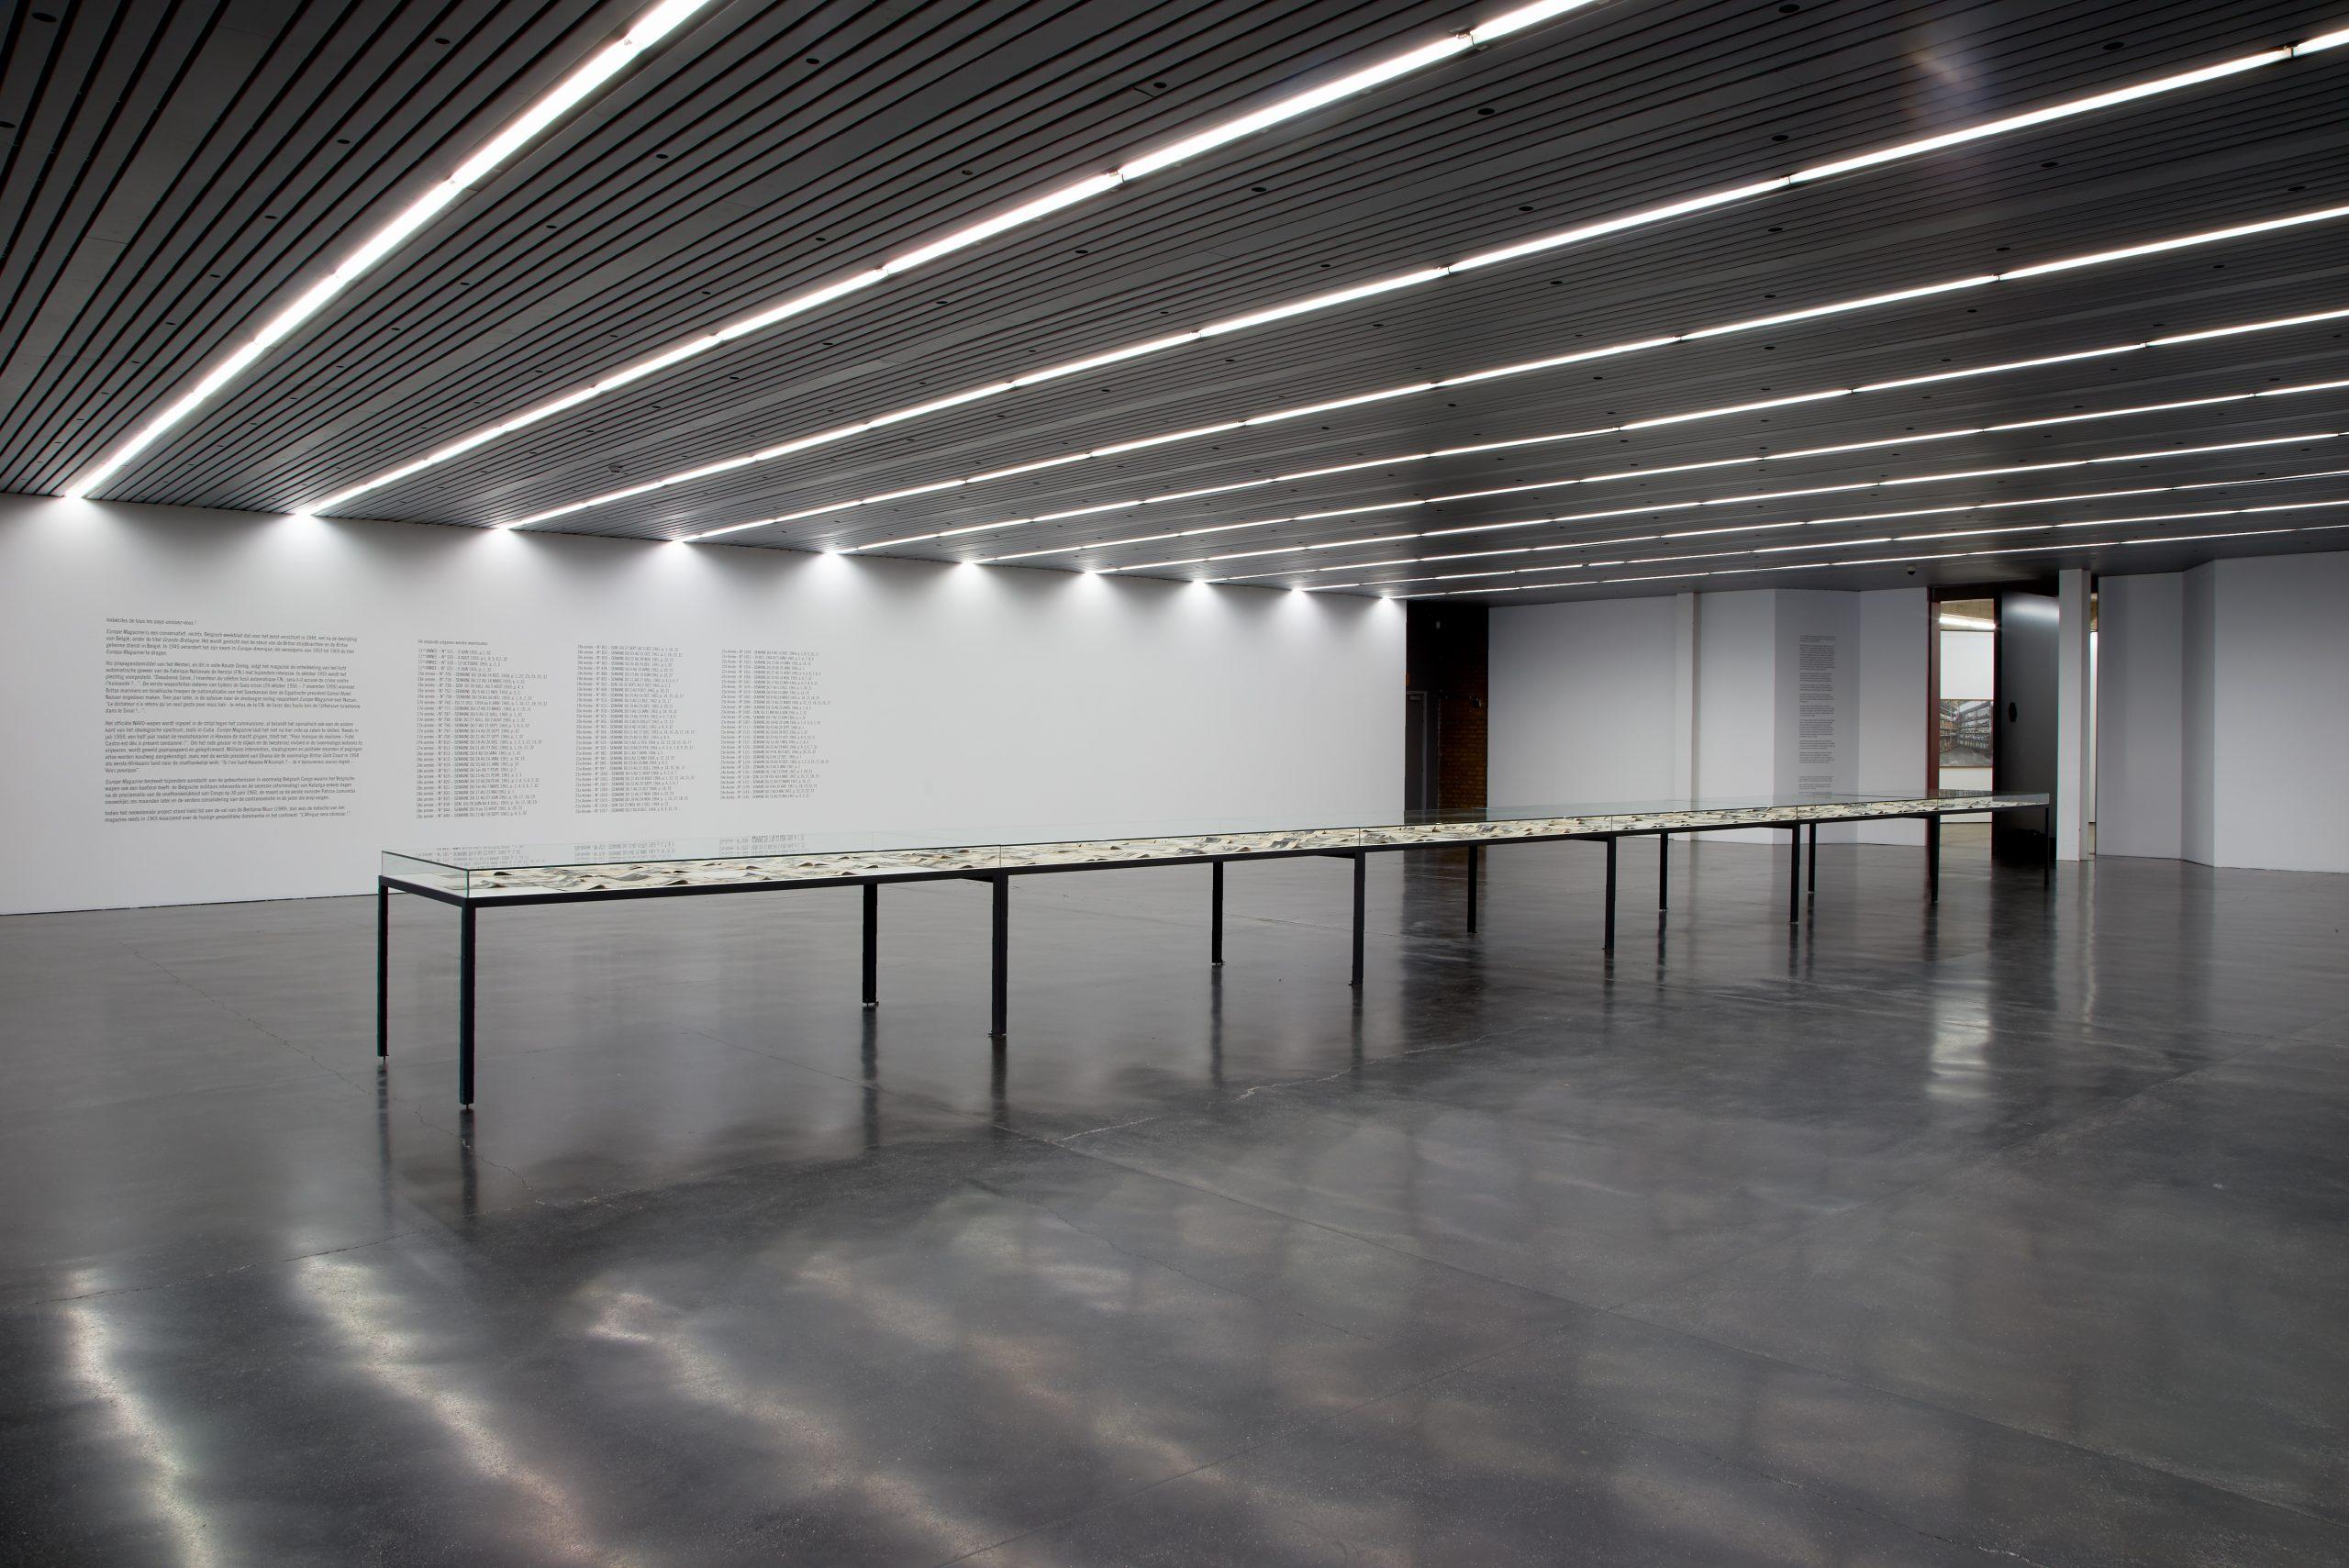 Sven Augustijnen, installation view at CC Strombeek, 2018